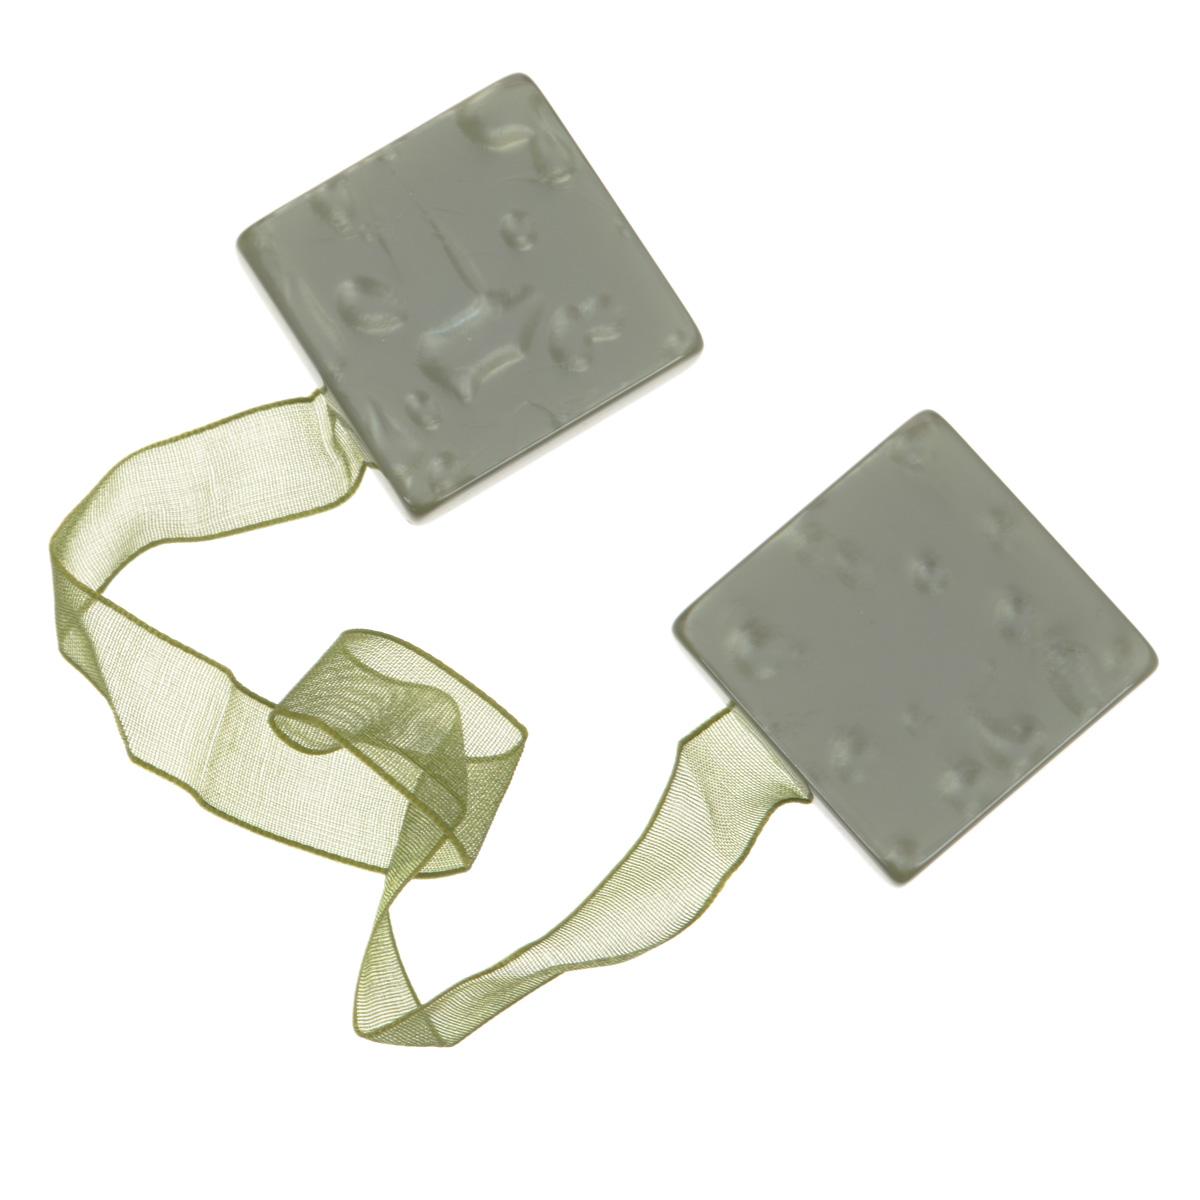 """Клипса-магнит """"Calamita Fiore"""", изготовленная из пластика и текстиля,   предназначена для придания формы шторам. Изделие представляет собой два   магнита квадратной формы, расположенные на разных концах текстильной ленты.   С помощью такой магнитной клипсы можно зафиксировать портьеры, придать им   требуемое положение, сделать складки симметричными или приблизить   портьеры, скрепить их.   Клипсы для штор являются универсальным изделием, которое превосходно   подойдет как для штор в детской комнате, так и для штор в гостиной. Следует   отметить, что клипсы для штор выполняют не только практическую функцию, но   также являются одной из основных деталей декора этого изделия, которая   придает шторам восхитительный, стильный внешний вид.   Материал: полиэстер, пластик, магнит. Размер клипсы: 3,5 см х 3,5 см. Длина ленты: 28 см."""